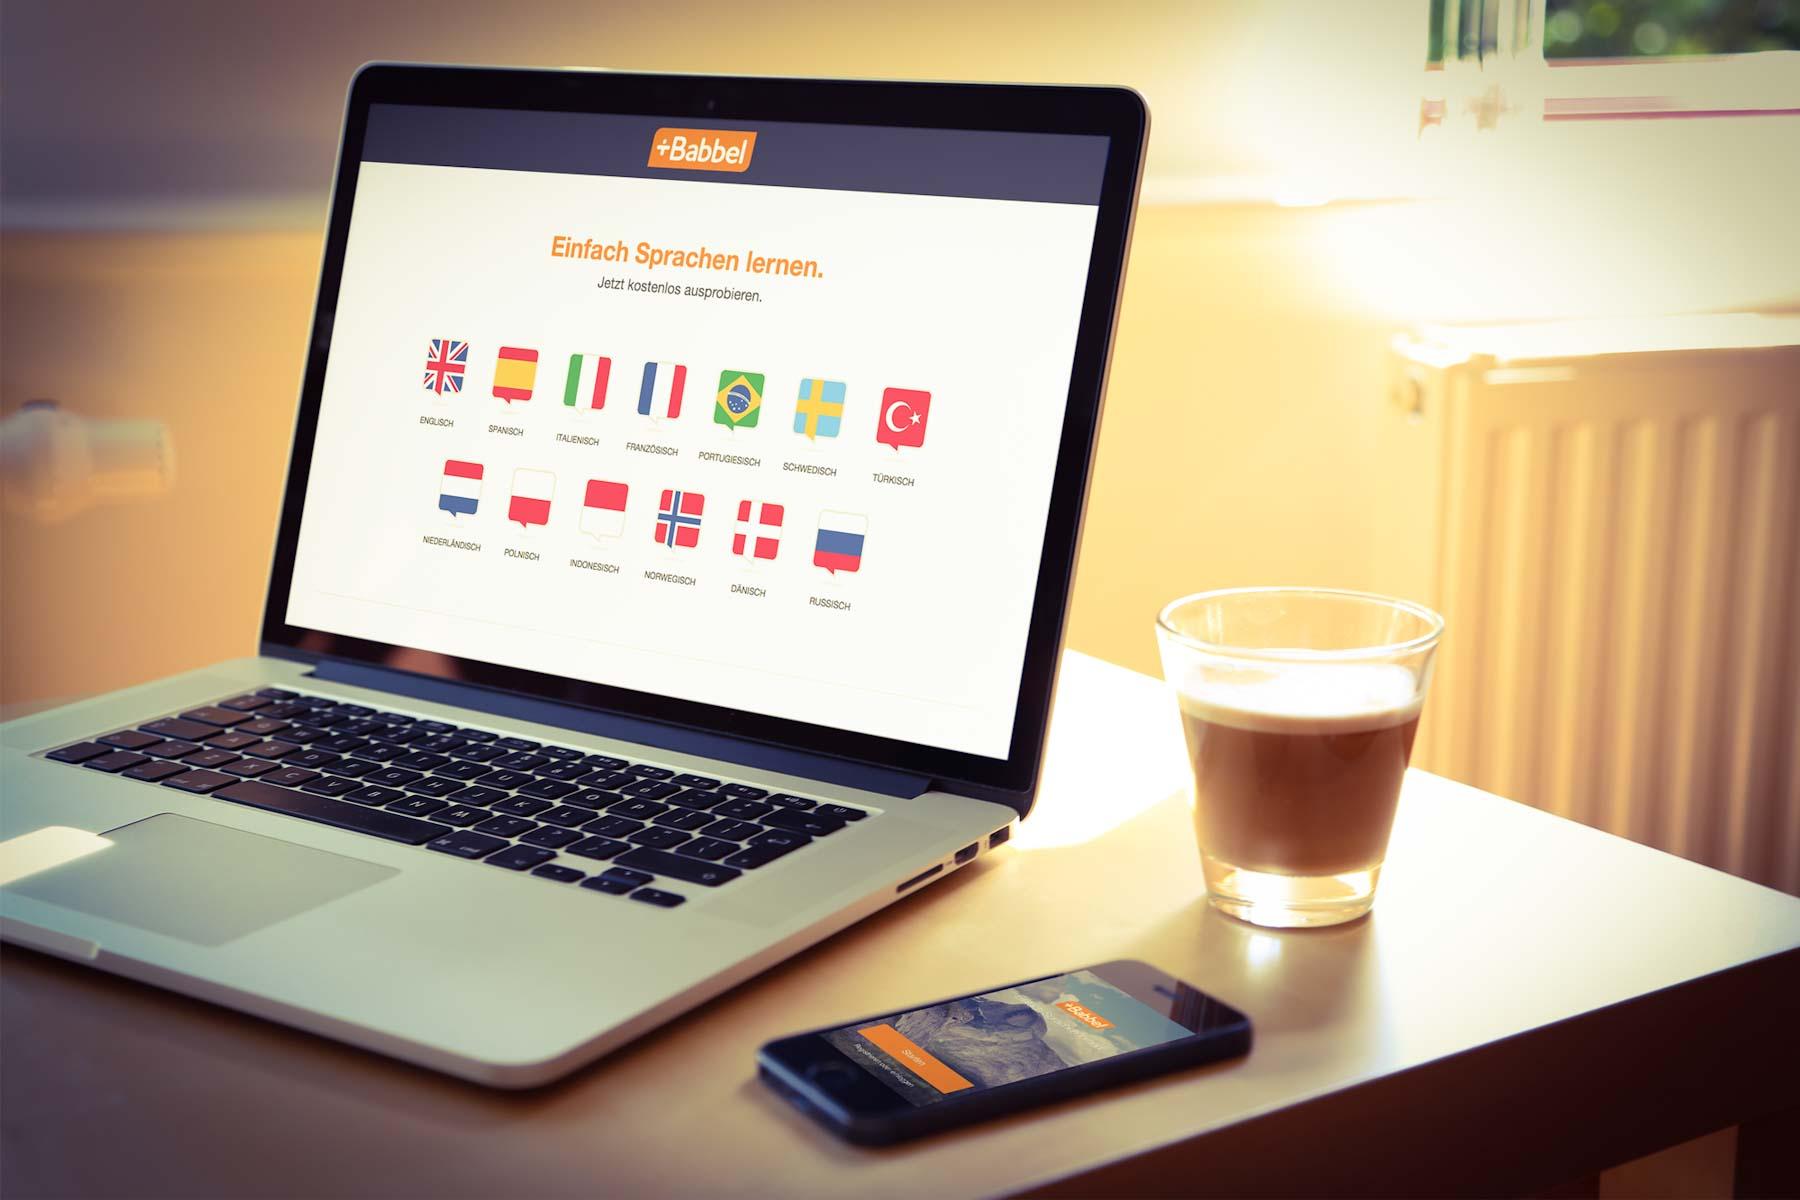 Babbel Erfahrungen – Wie gut ist der beliebte Online-Sprachkurs wirklich?